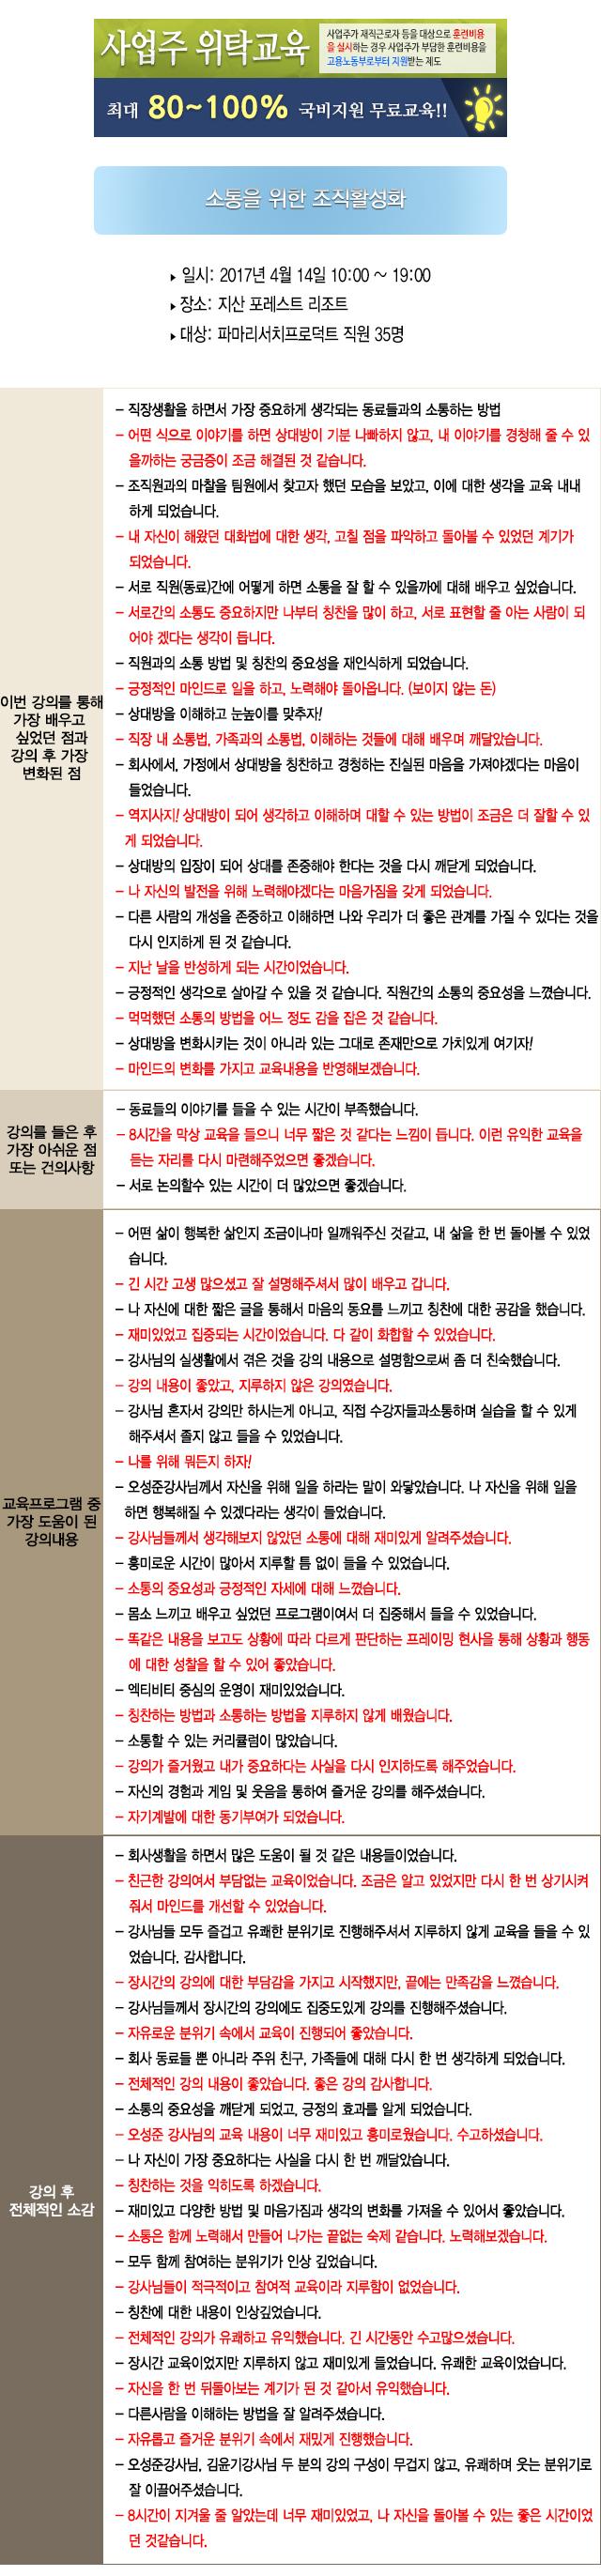 한국중앙인재개발원 후기 파마리서치프로덕트.jpg